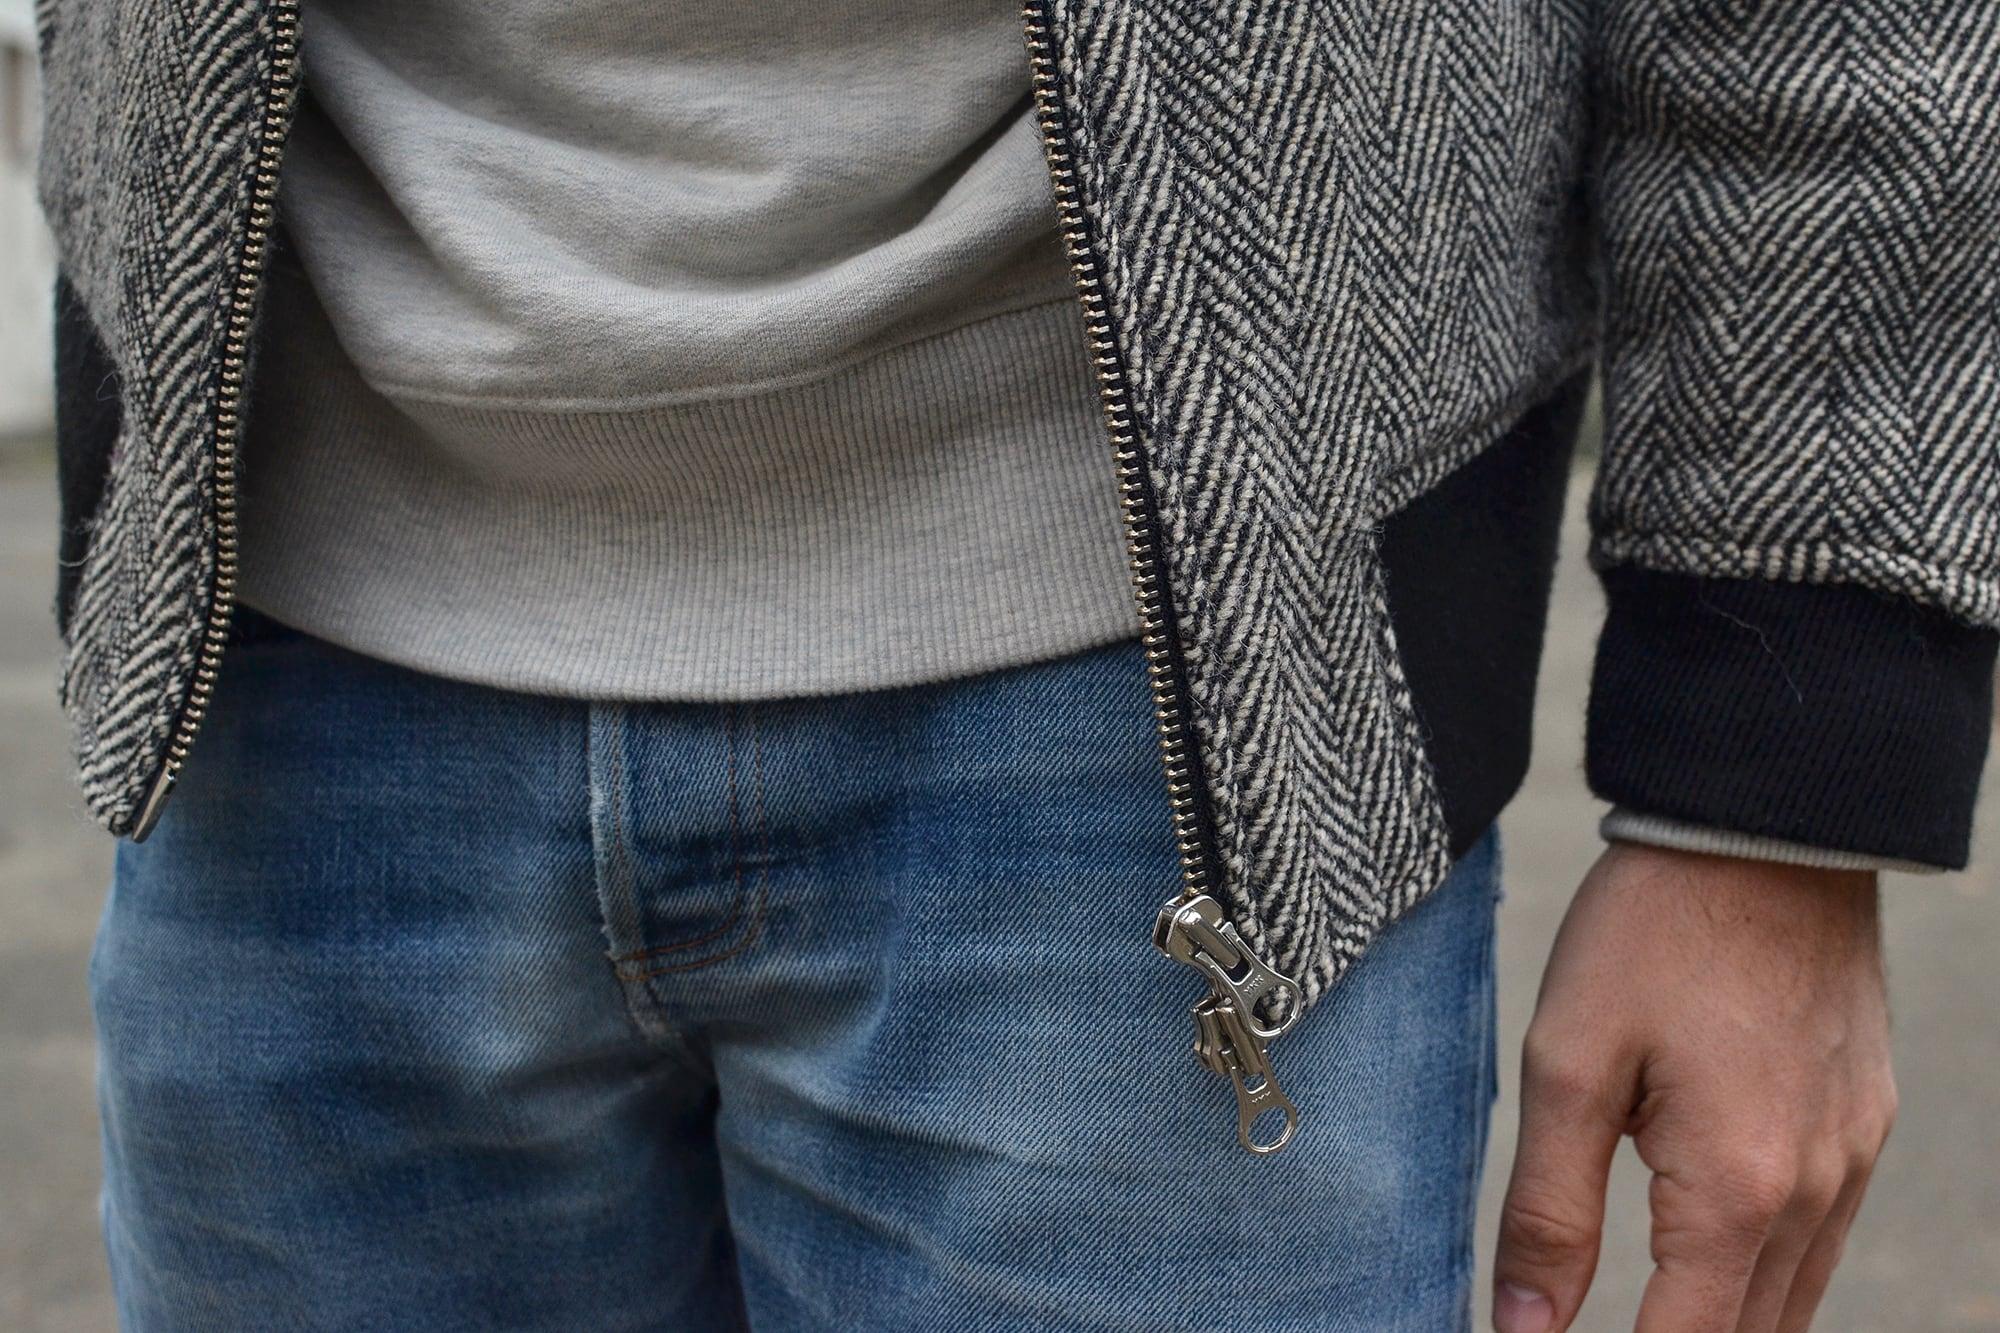 comment Porter un blouson ou manteau à chevrons en laine avec jeans stone wash et sweat vintage gris